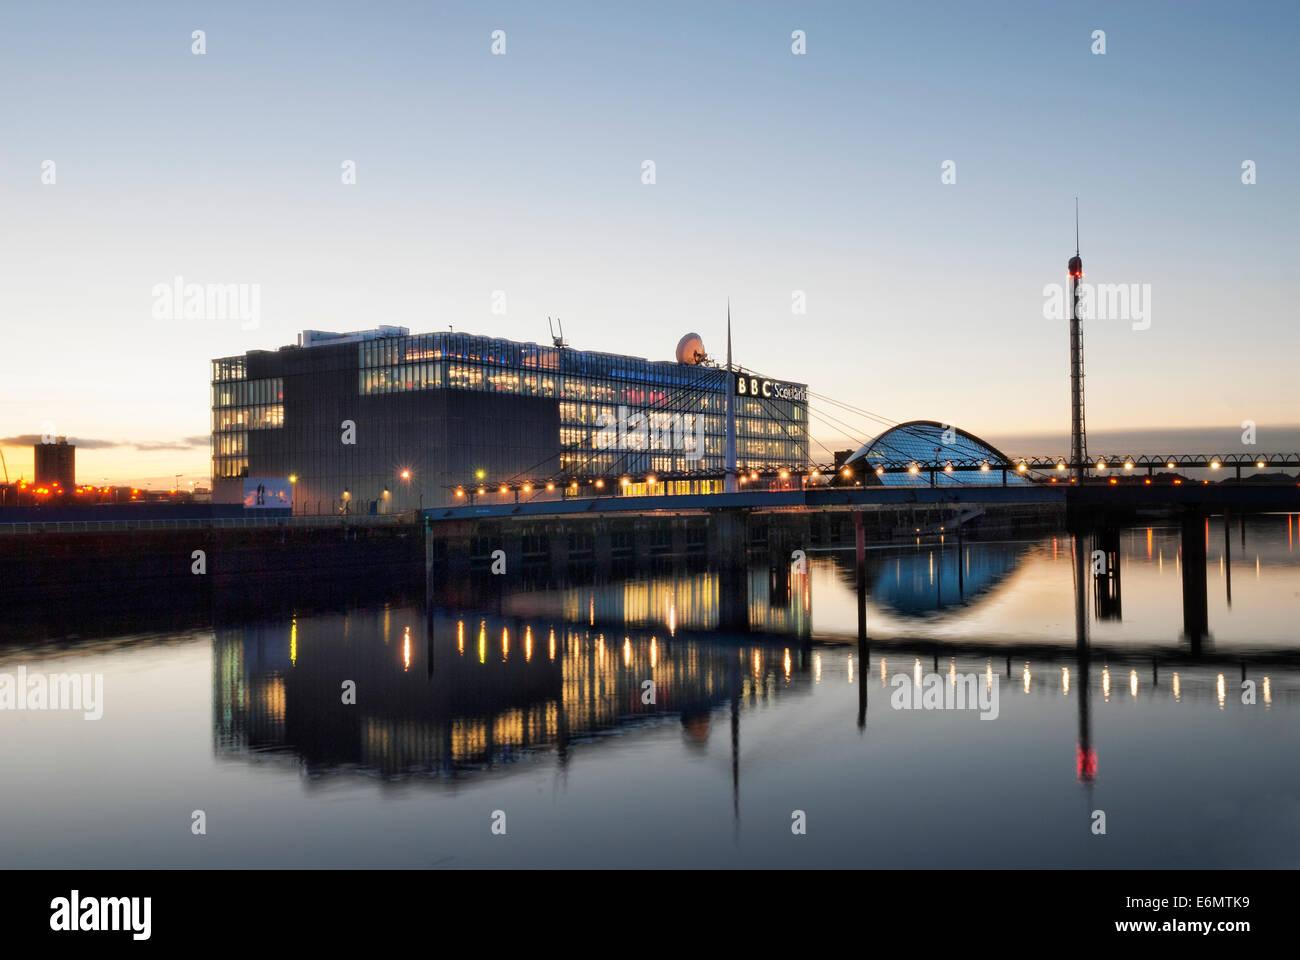 Photographie de nuit le Glasgow Science Centre et Tour avec BBC Scotland siège. Banque D'Images